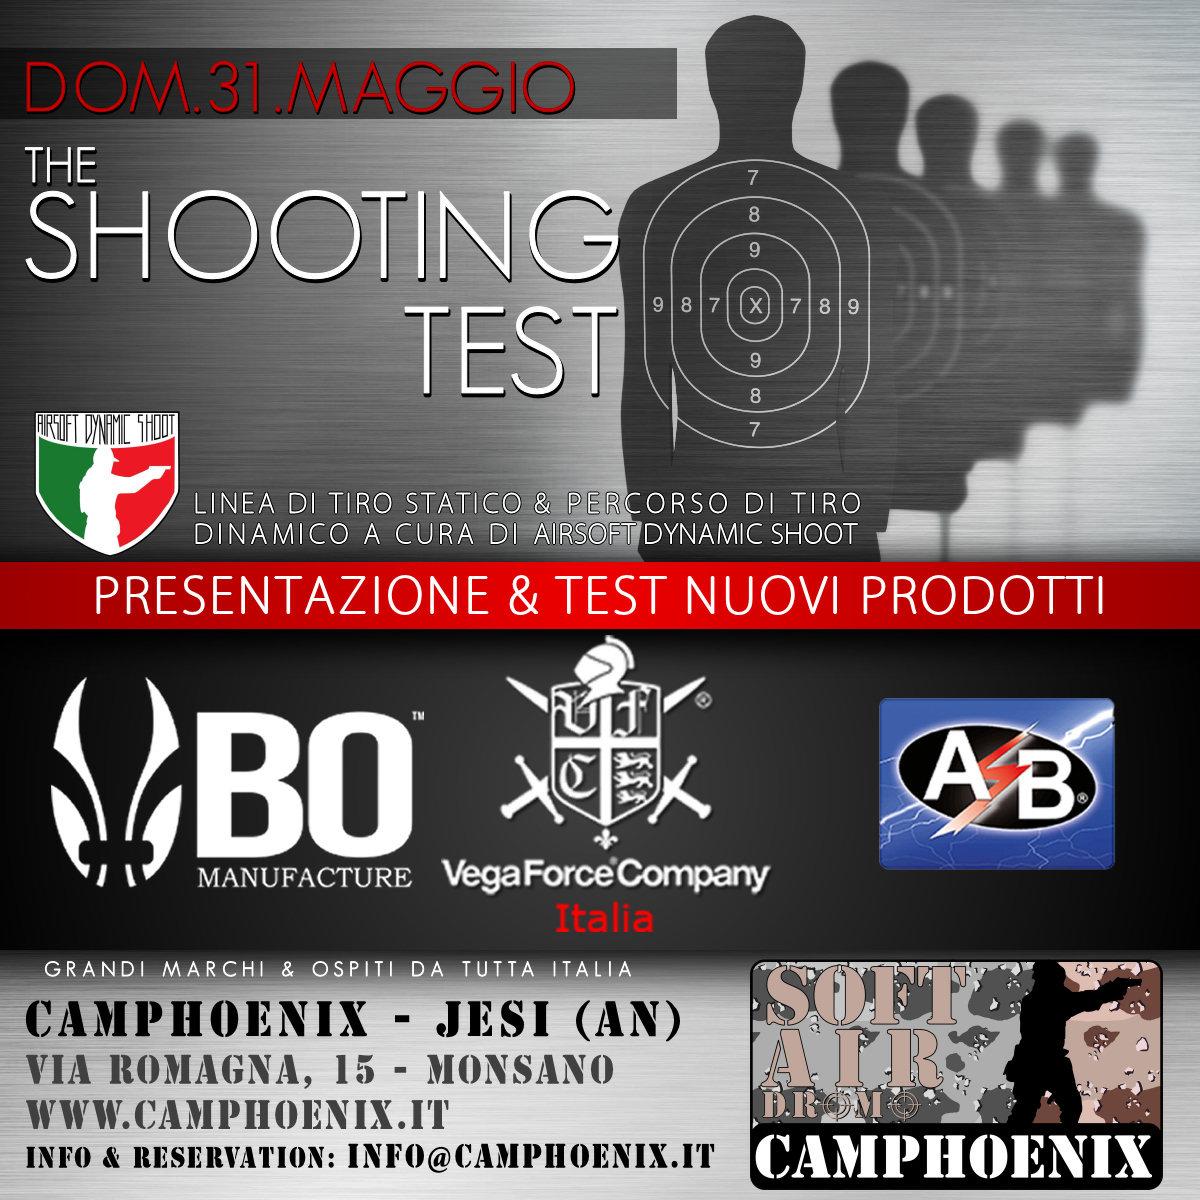 evento the shooting test domenica 31 maggio